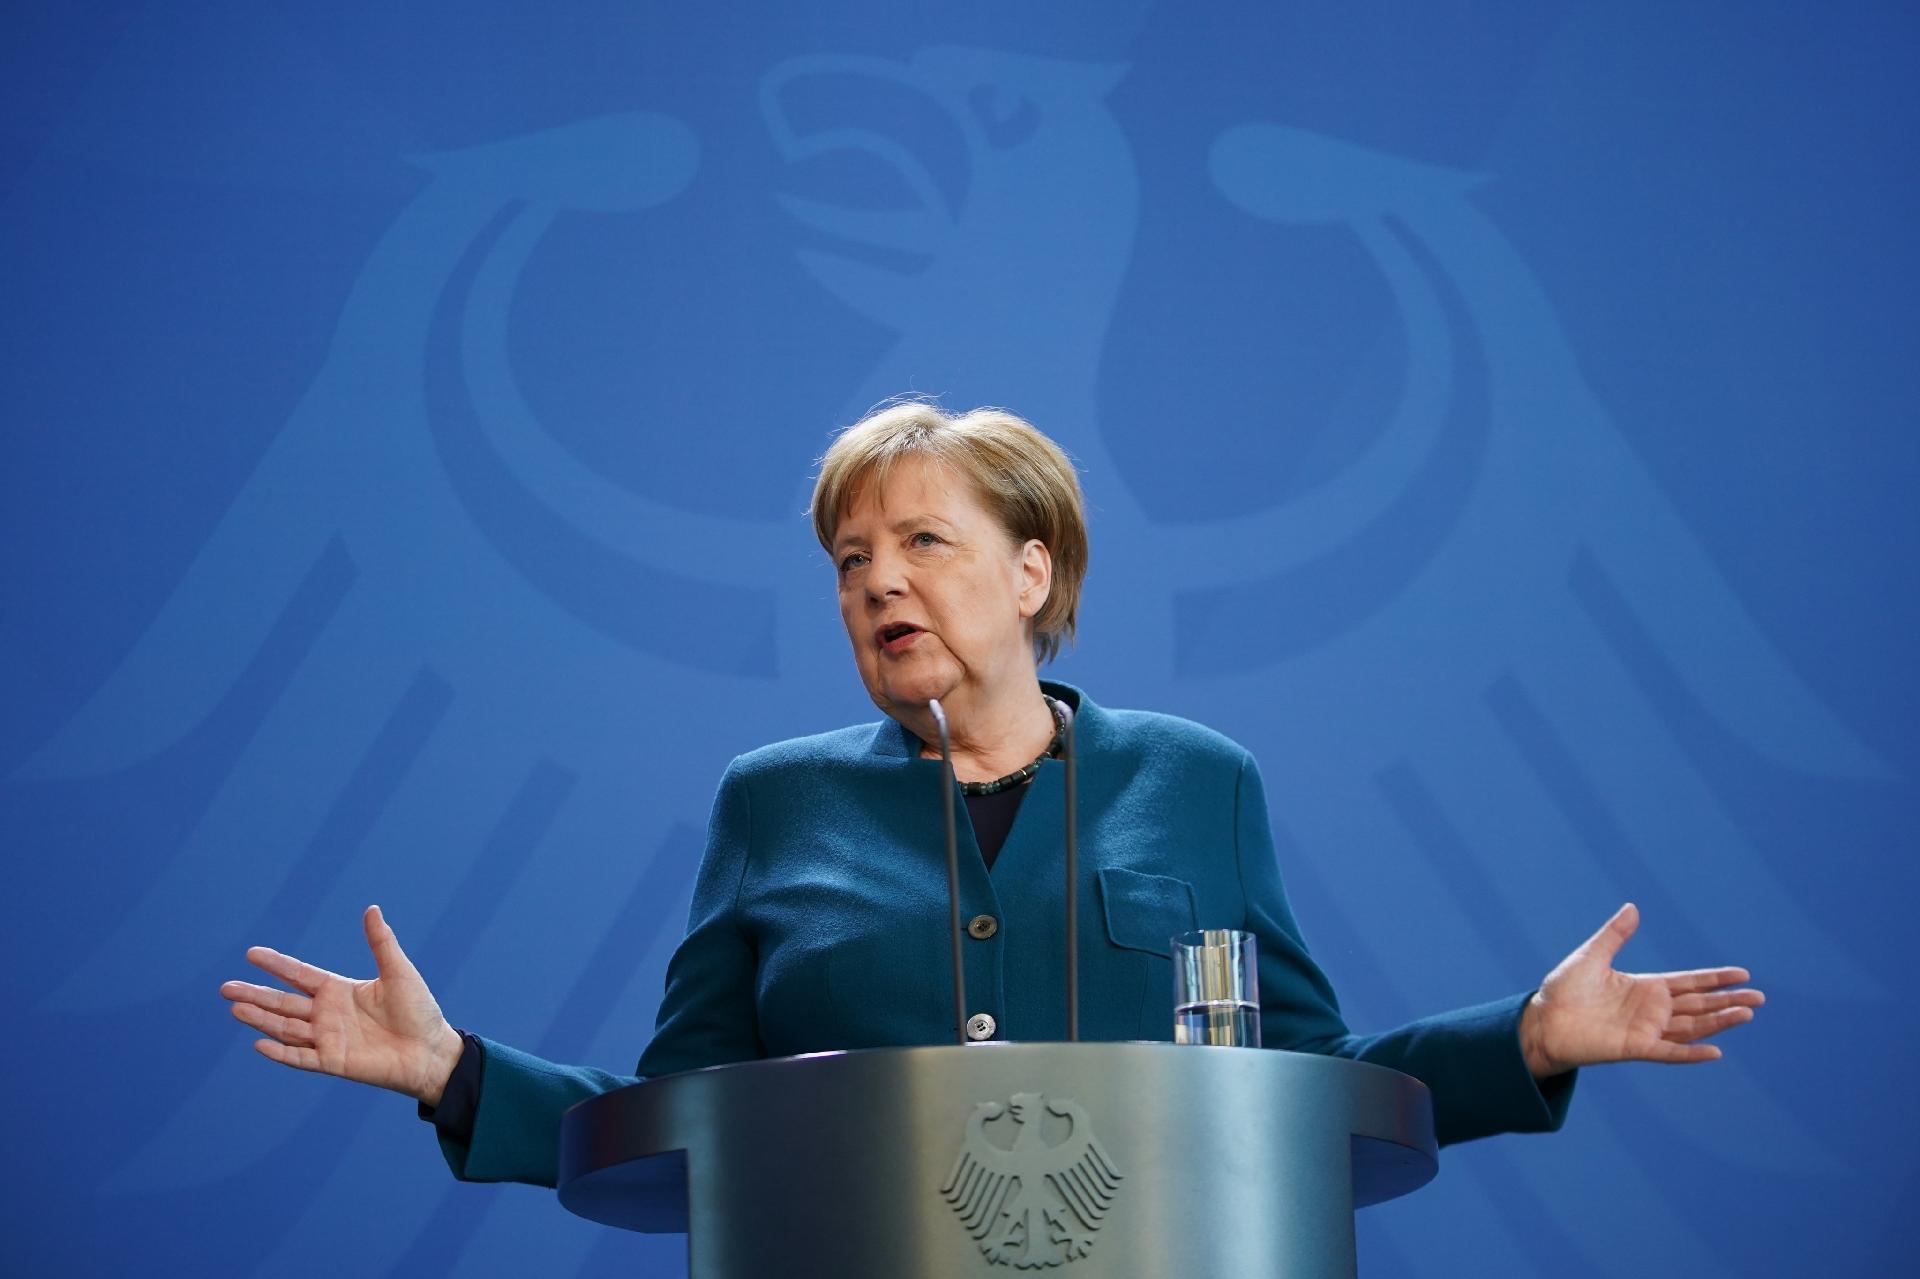 Angela Merkel Primeira da lista de mulheres mais poderosas do mundo em 2020